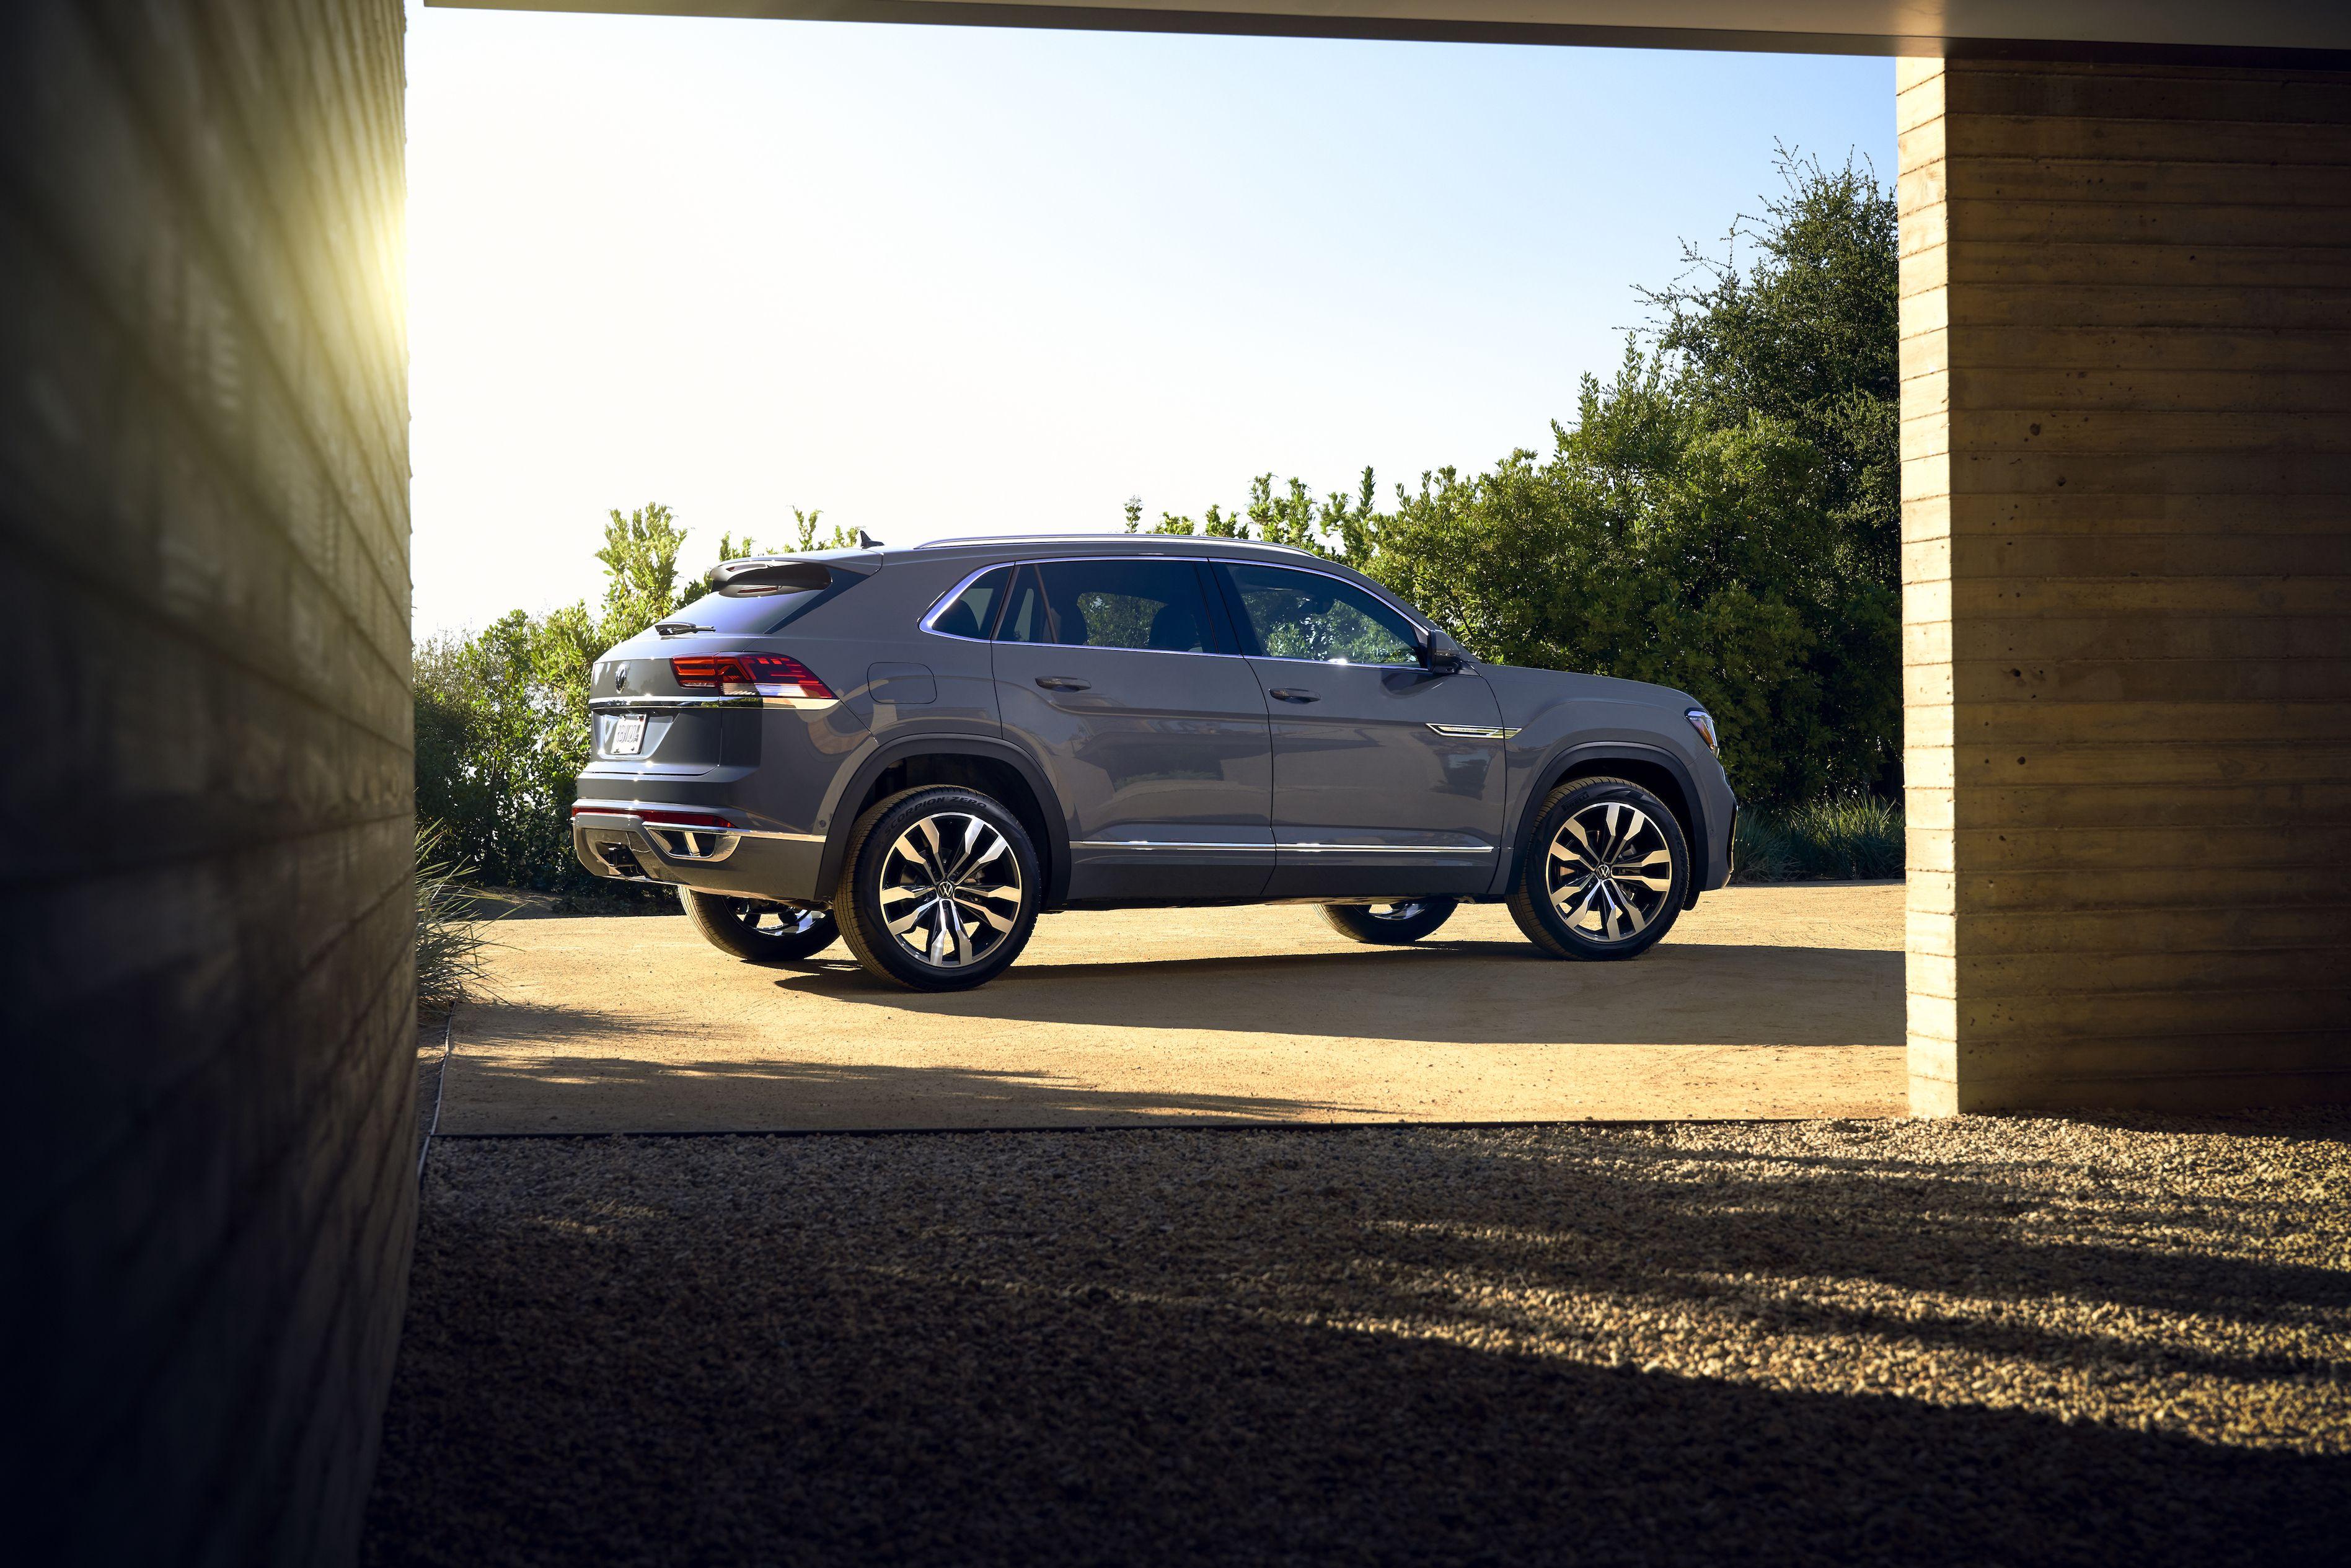 Volkswagen S Five Seat Atlas Cross Sport Coming To American Roads